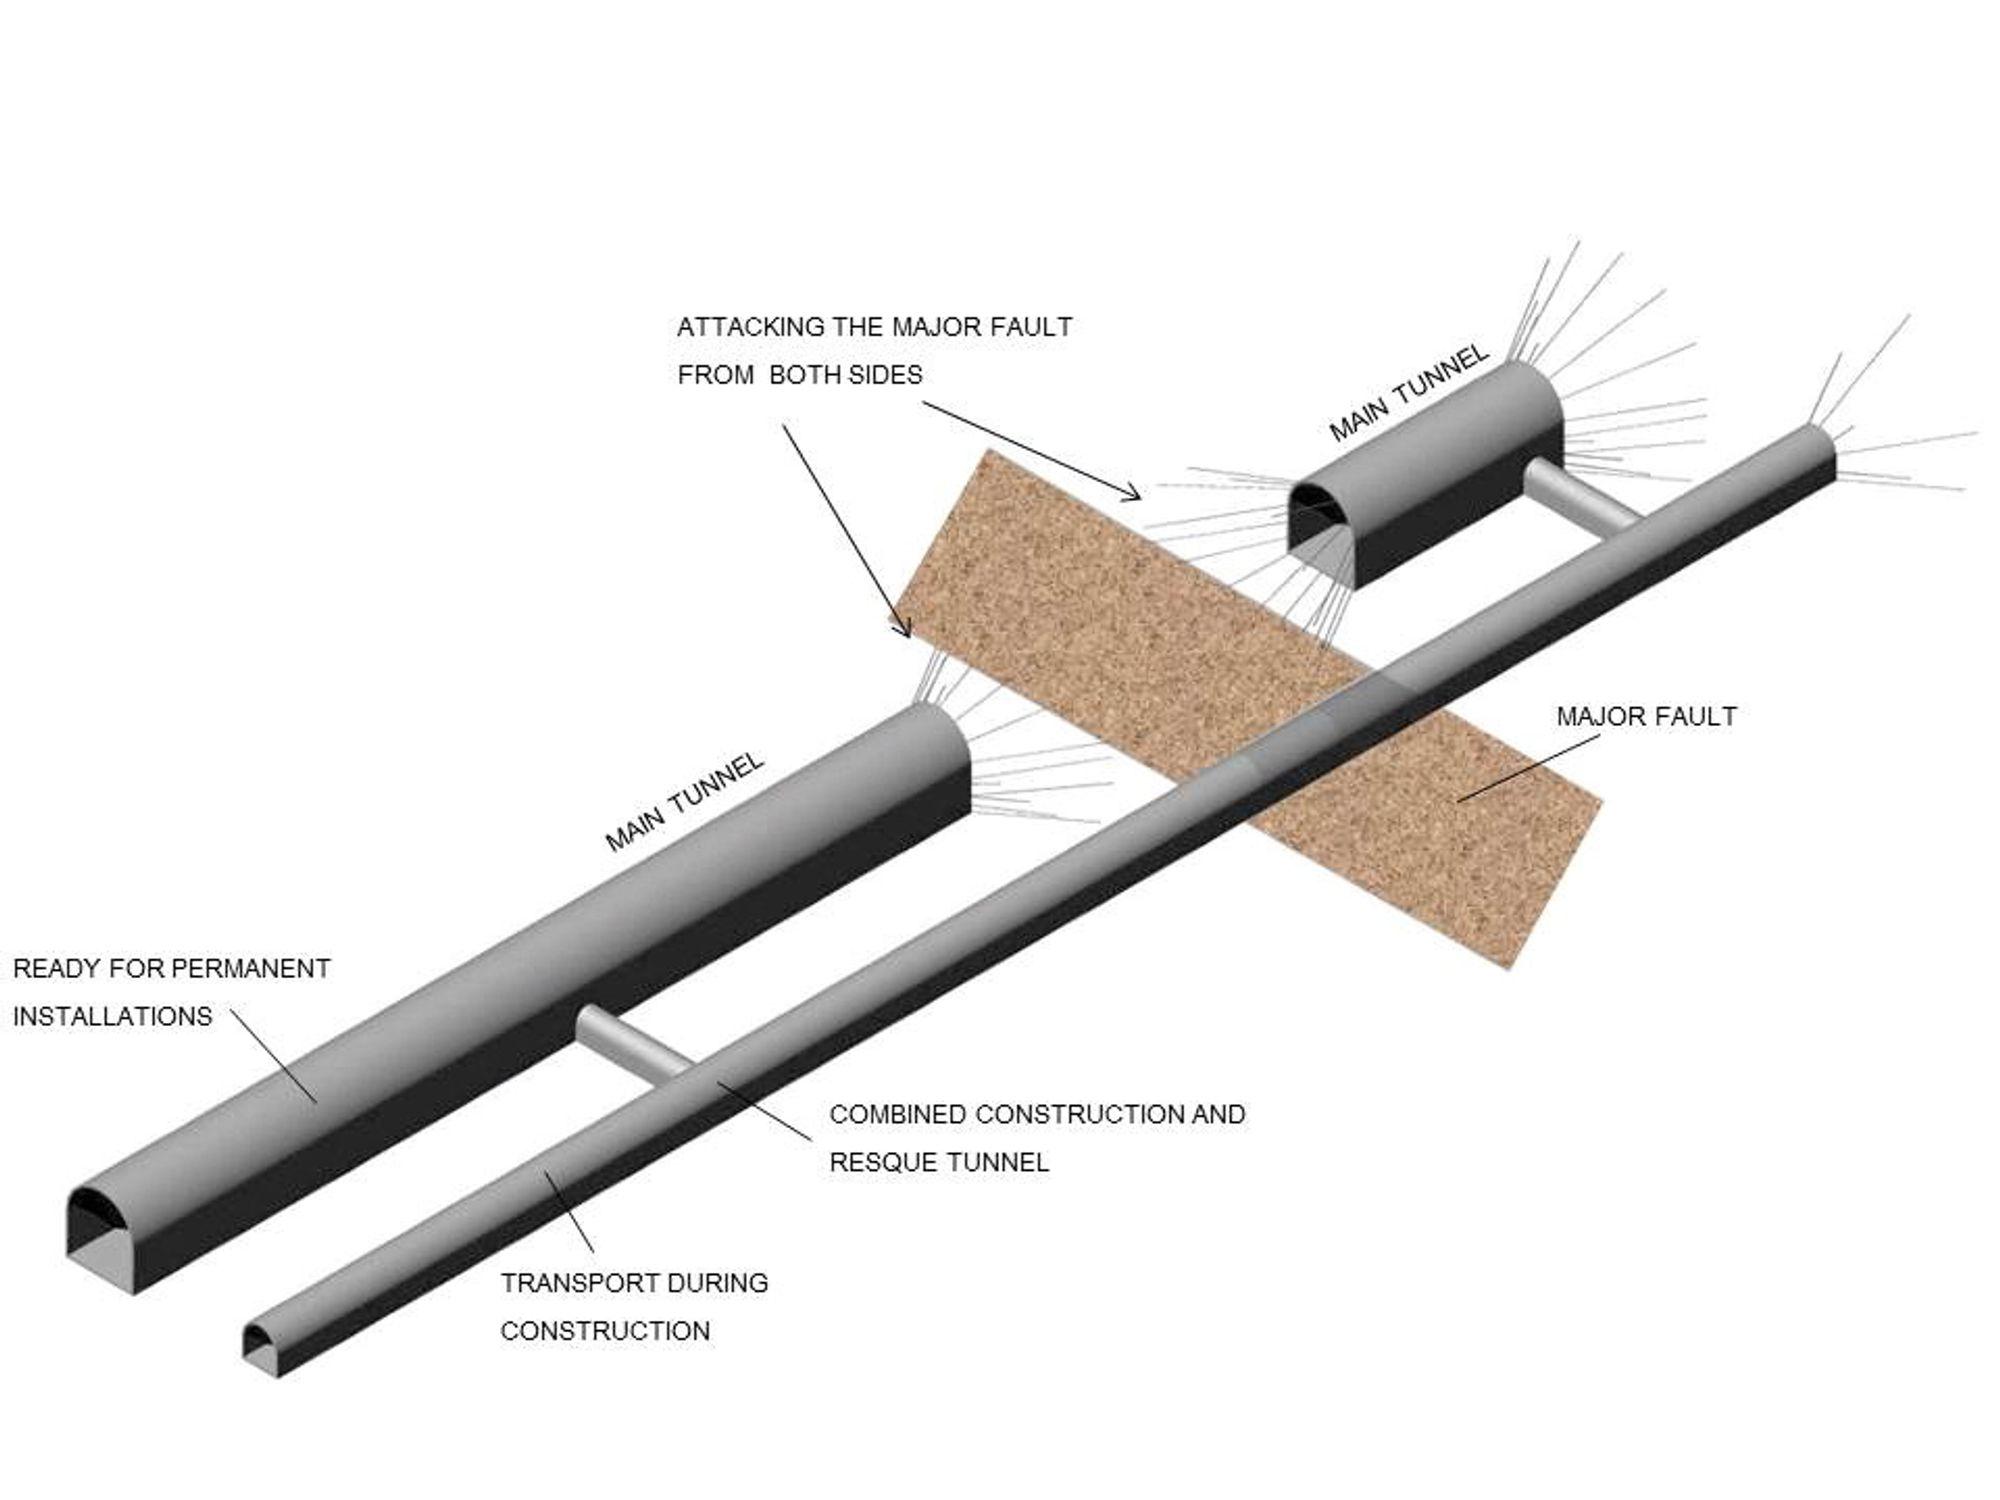 Tunnelekspertene mener en parallell evakueringstunnel vil ha stor betydning for trafikksikkerheten ved en krisesituasjon, som brann i vogntog, inne i tunnelen. Her illustrerer de behovet for parallell tunnel ved grunnproblemer i hovedløpet.